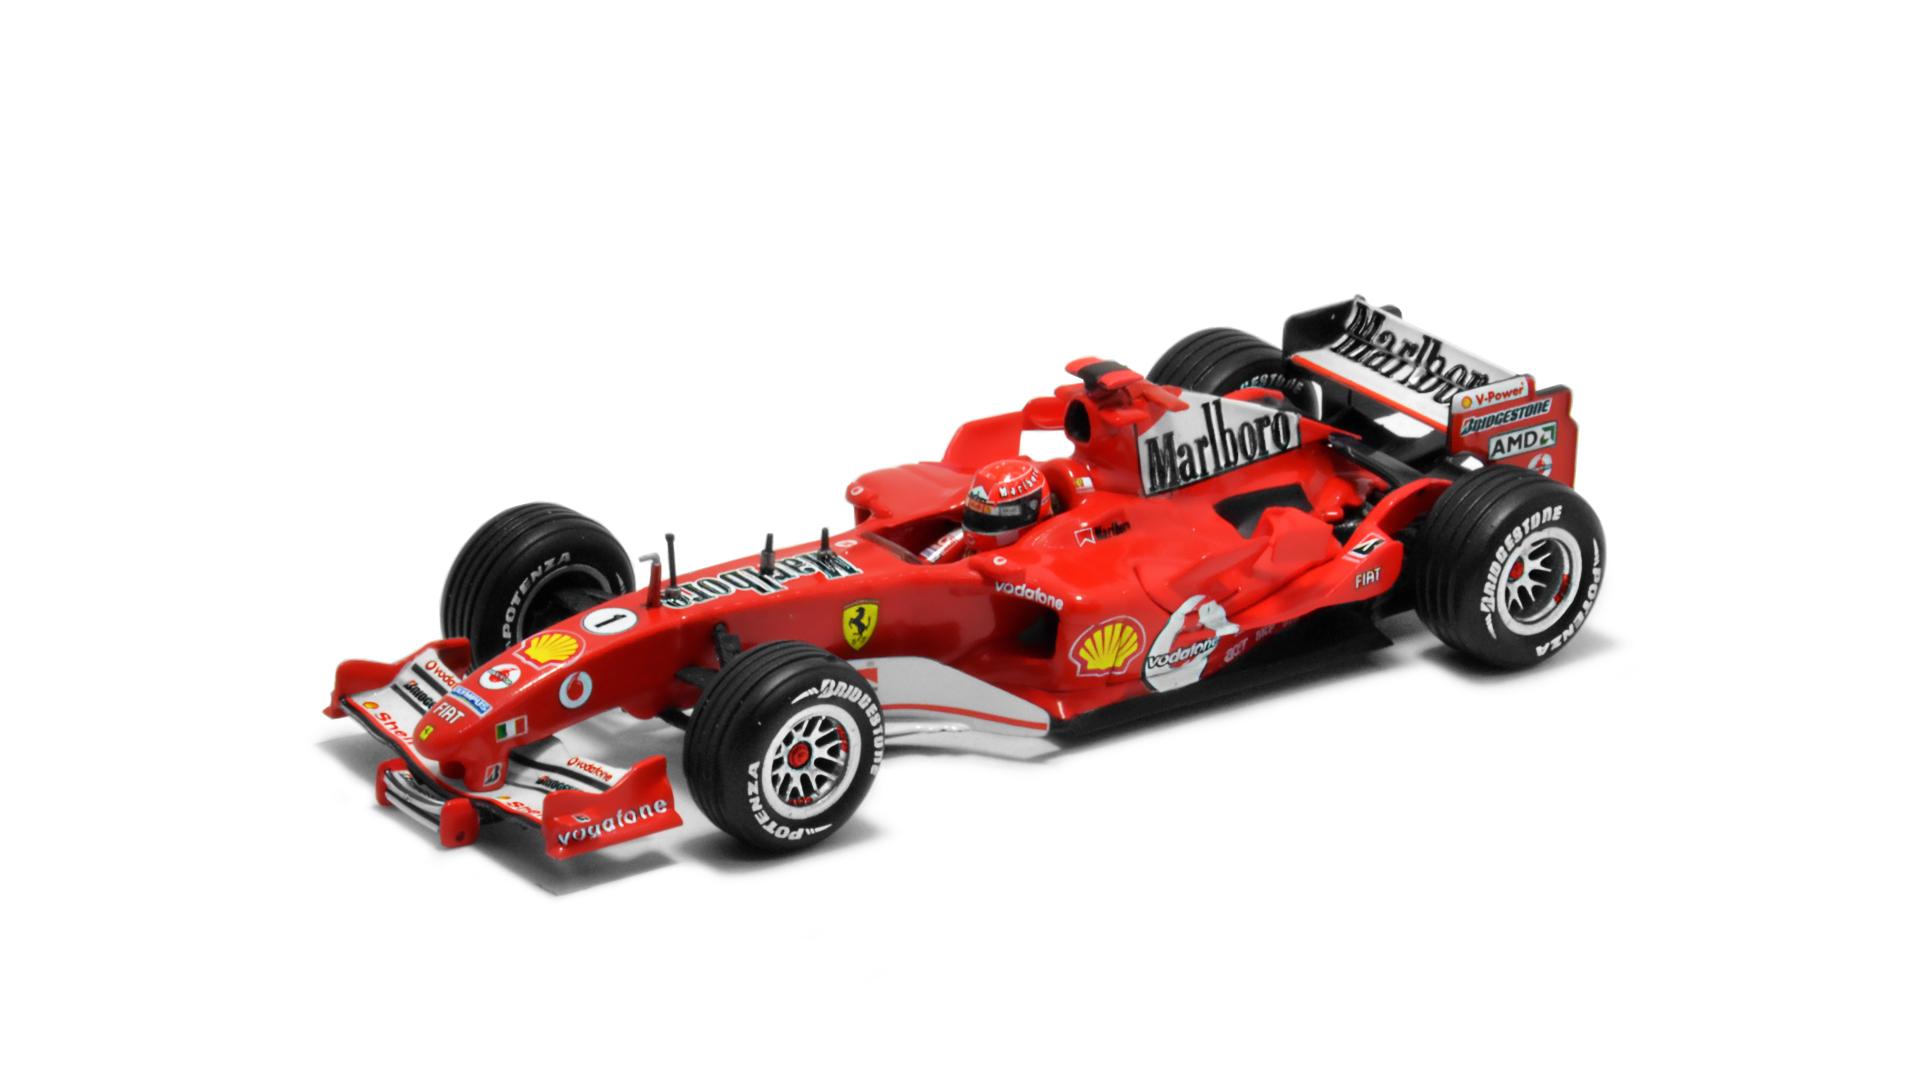 Év: 2005<br />Modell: F2005<br />Gyártó: Hot Wheels<br />Pilóta: Michael Schumacher